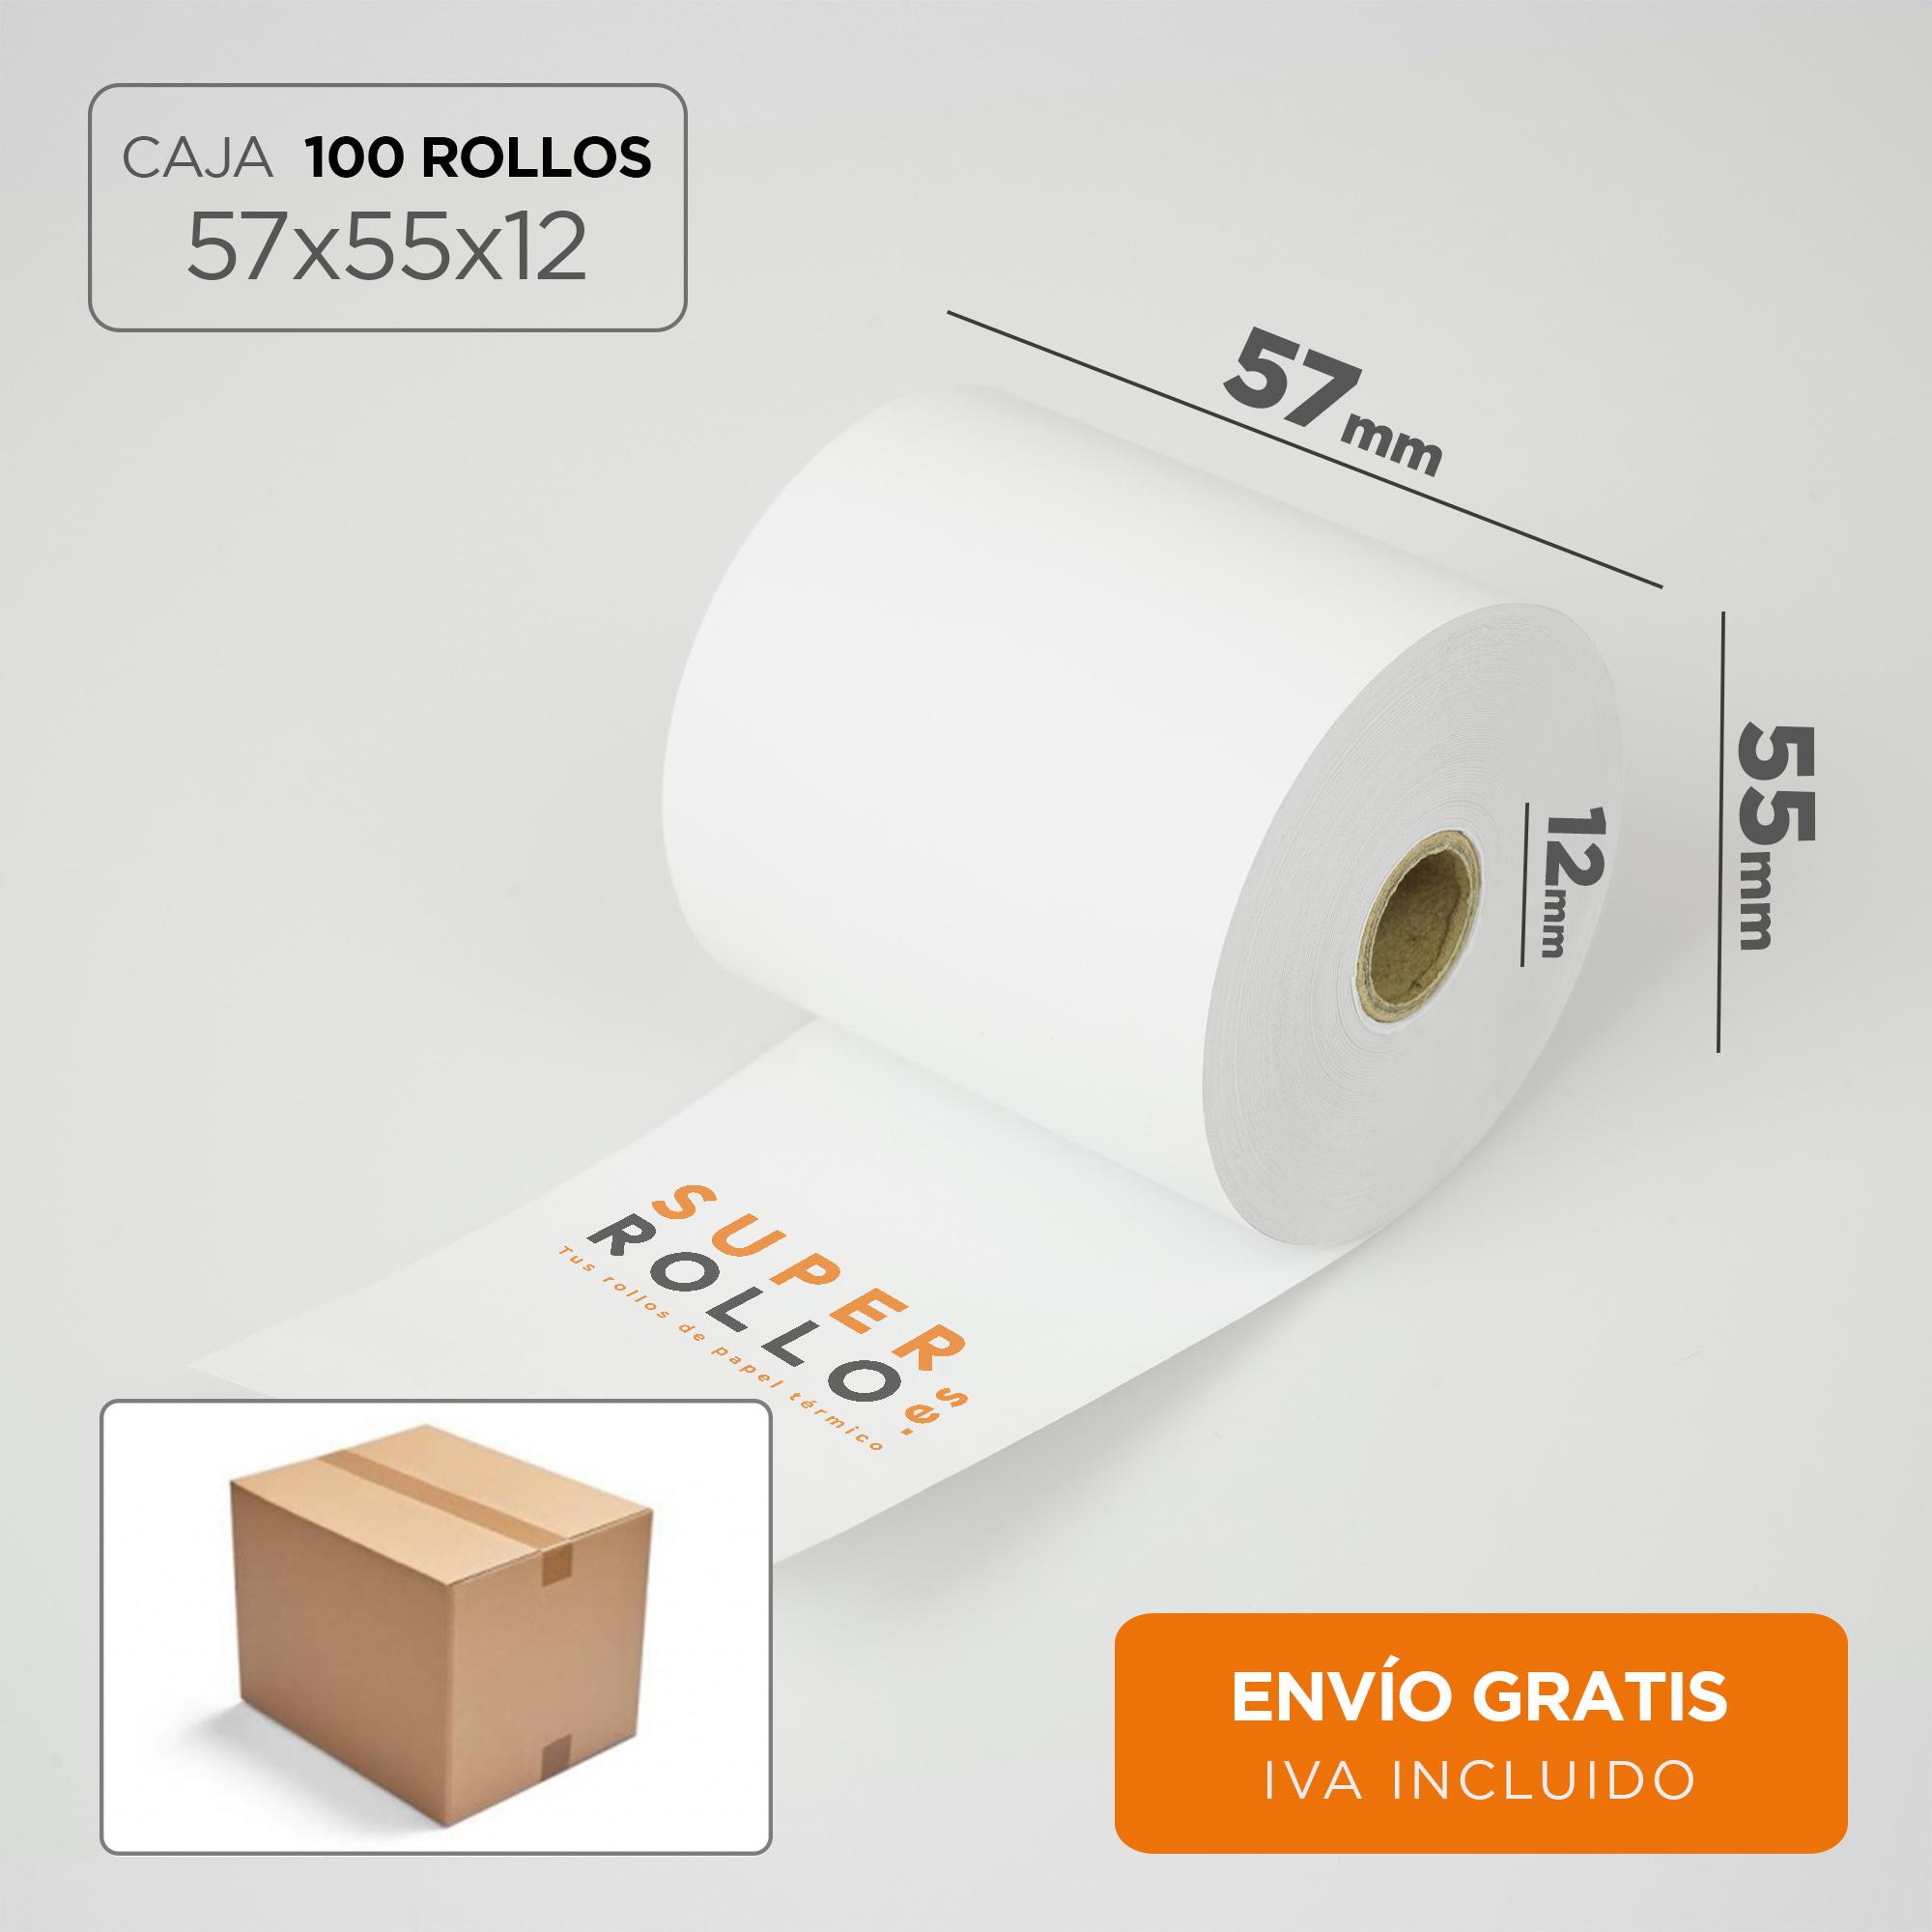 CAJA_100-ROLLOS_57x55x12